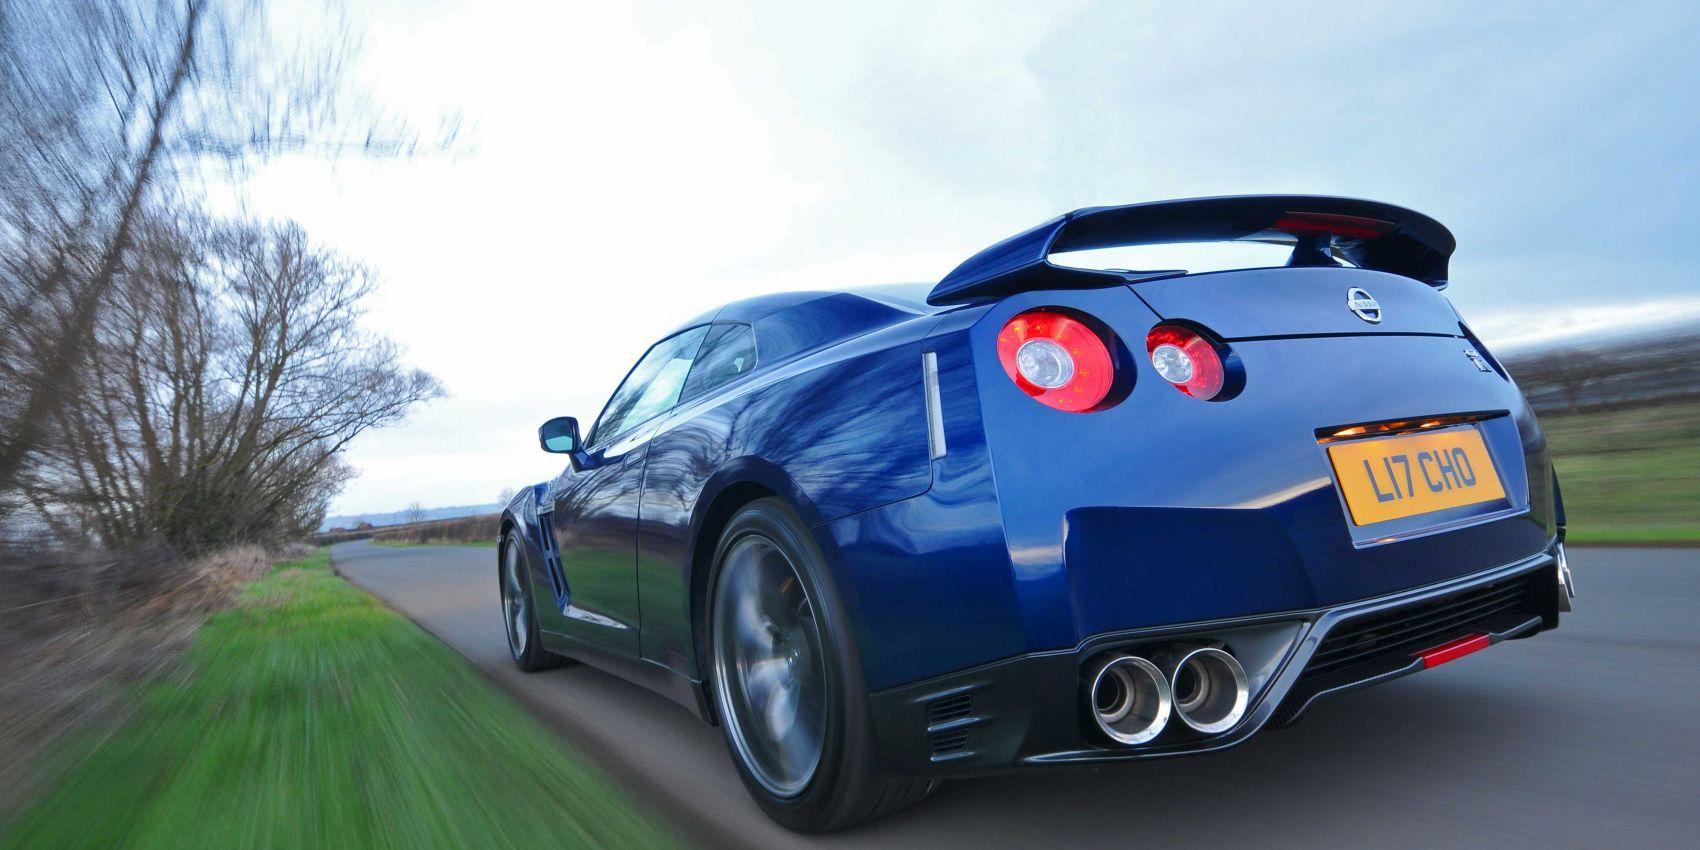 Litchfield Nissan GTR Warranty